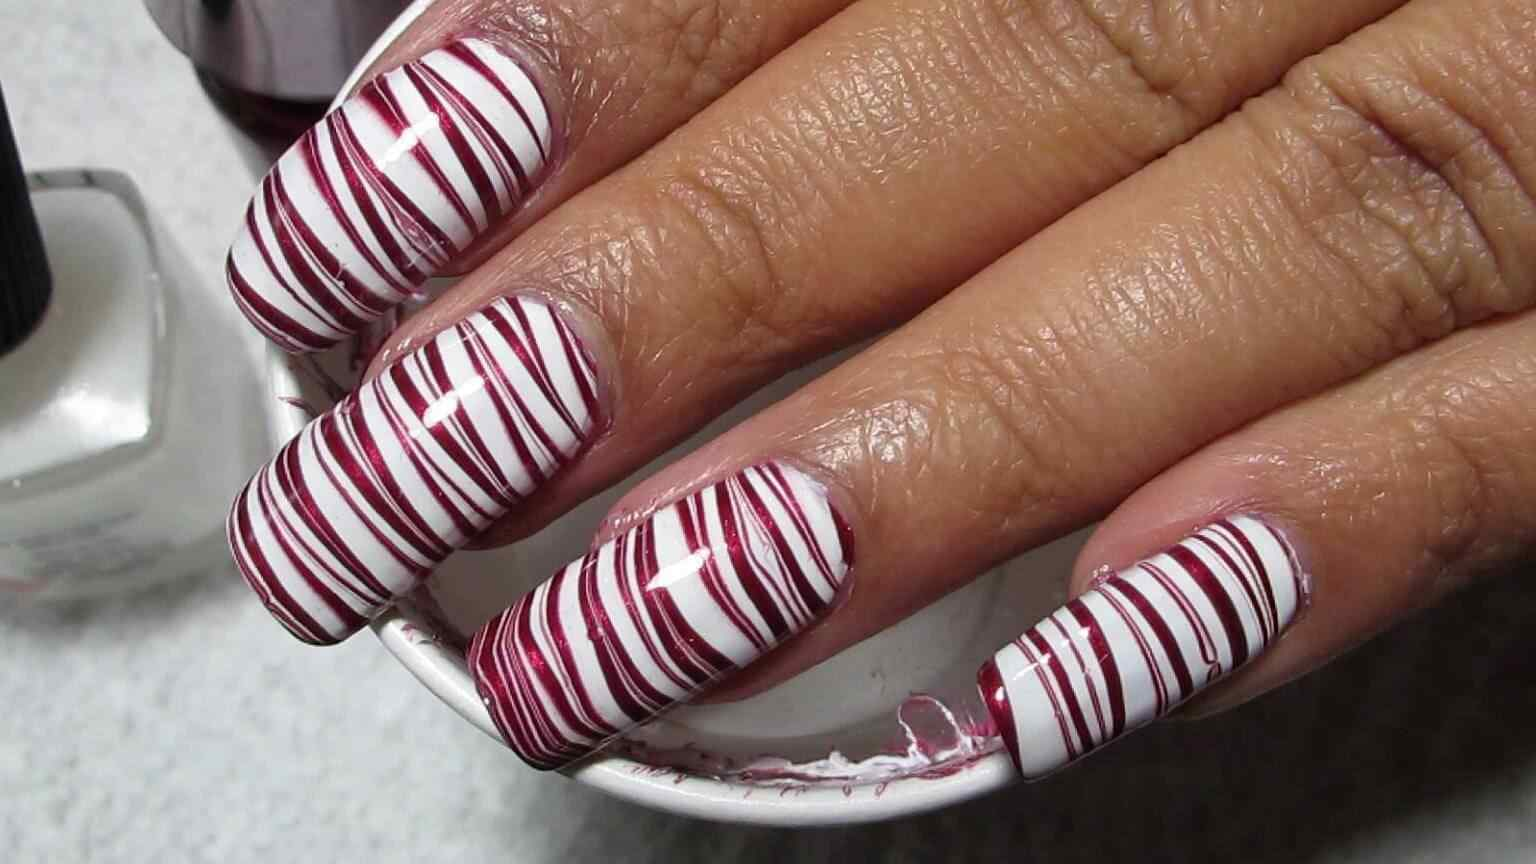 2015 long nails (8)